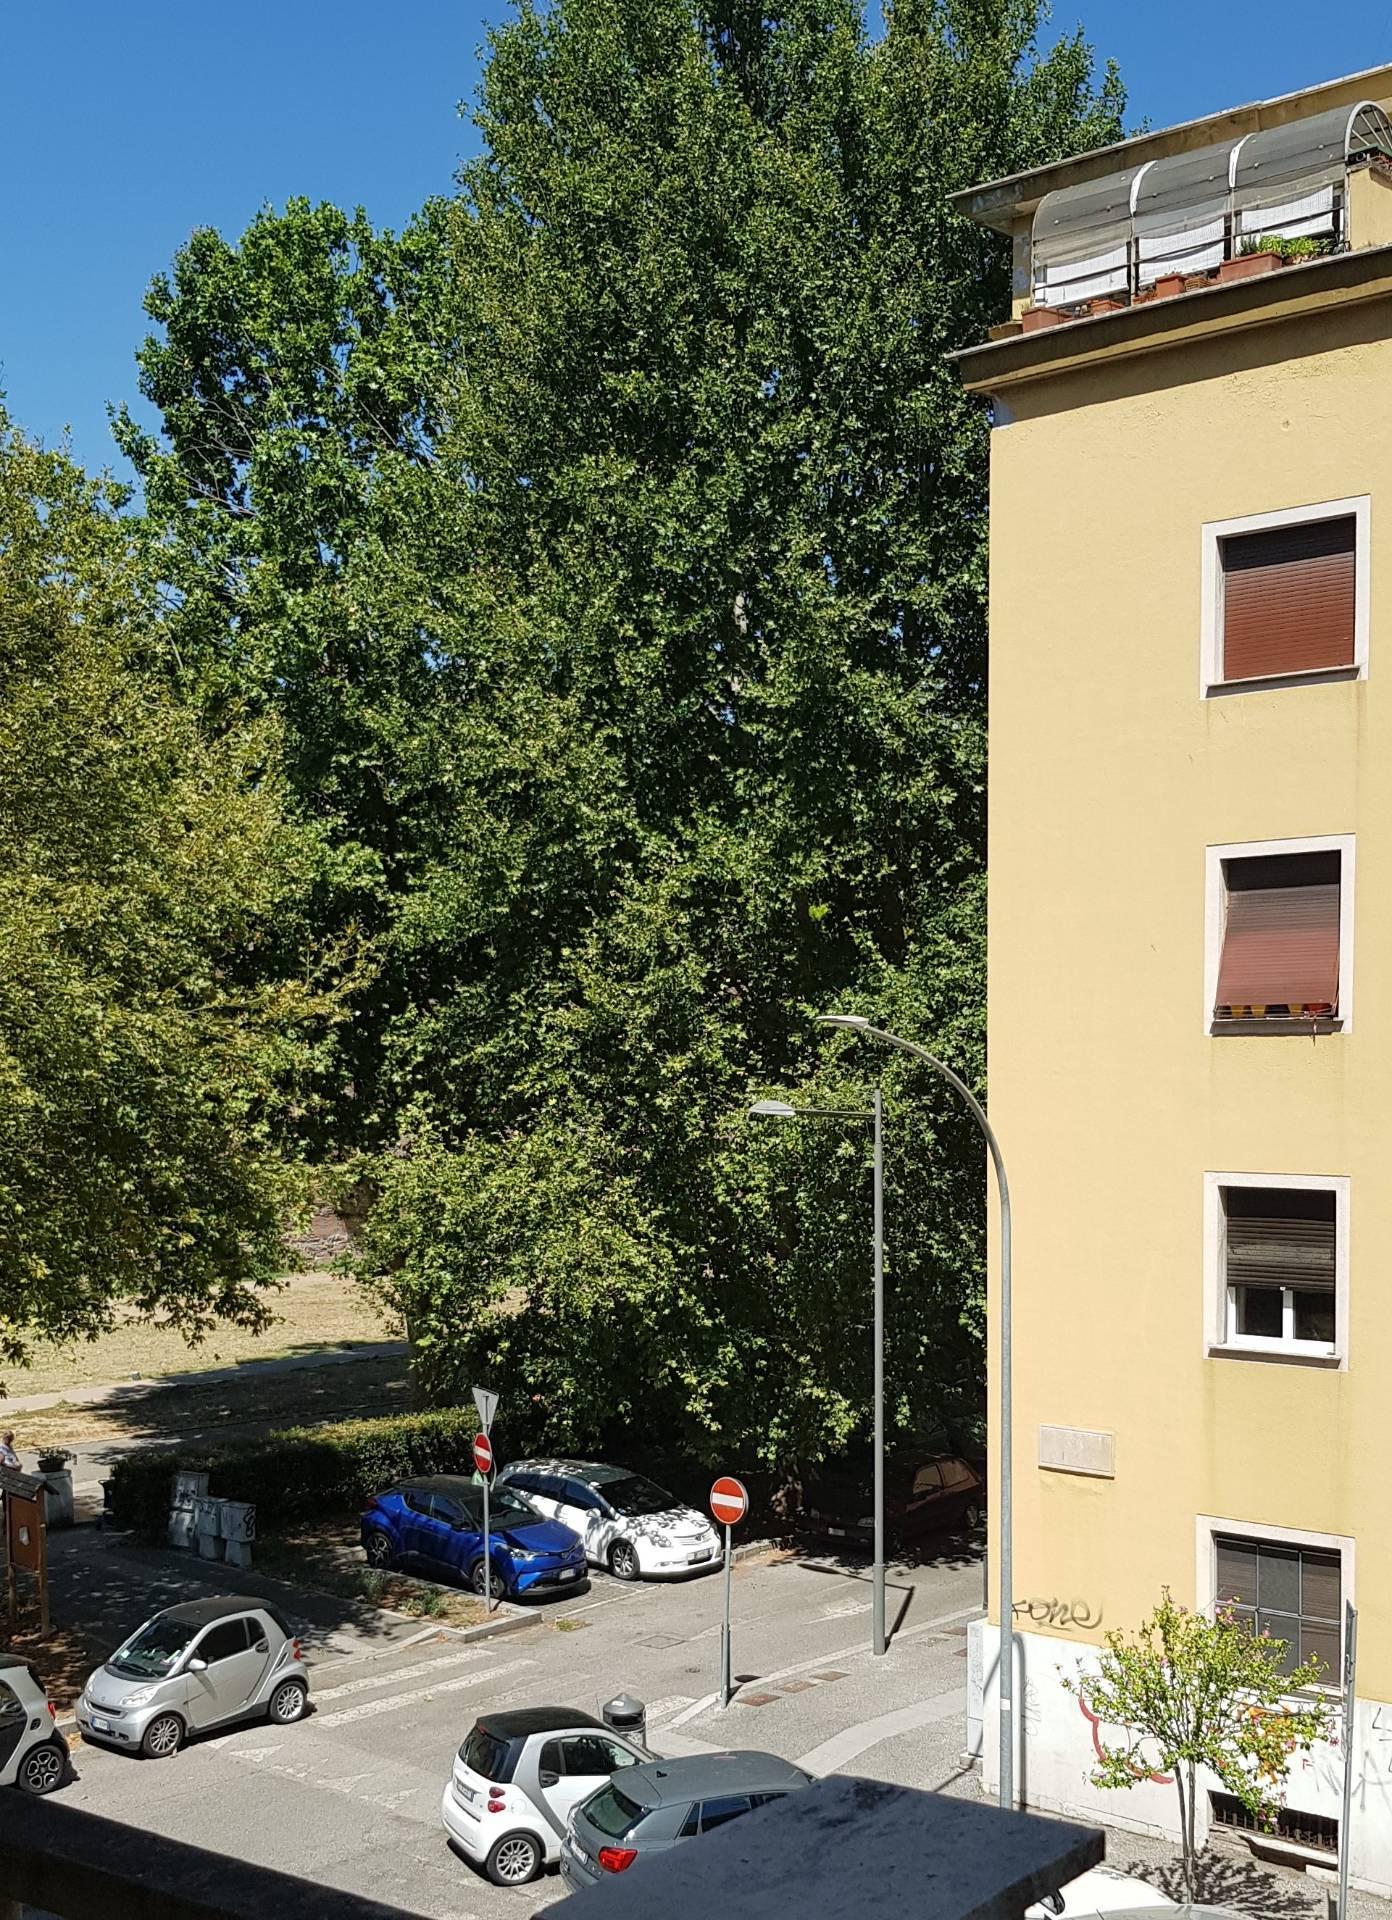 APPARTAMENTO in Affitto a S.Giovanni, Roma (ROMA)